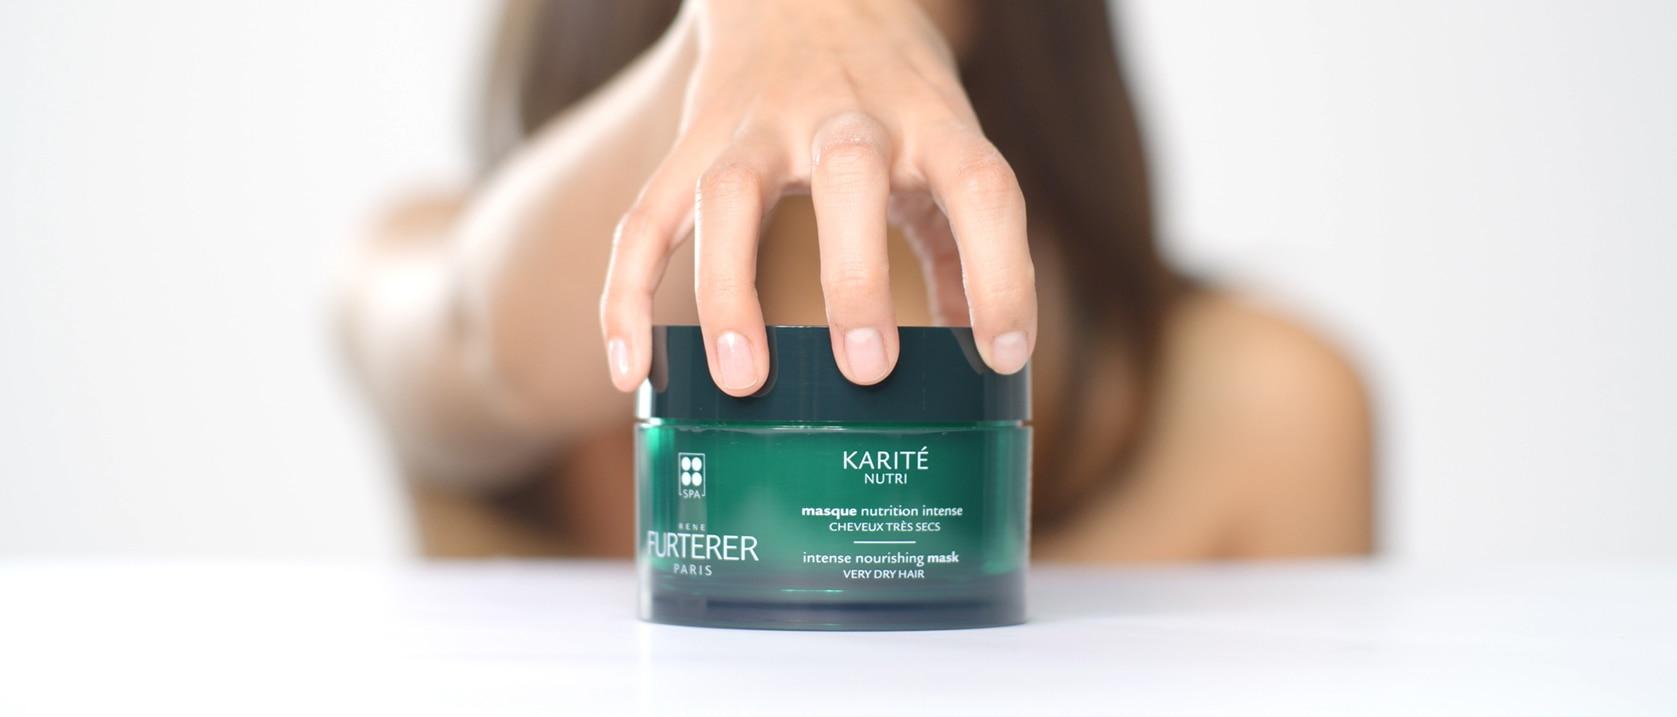 Jak nanášet KARITÉ NUTRI masku pro velmi suché vlasy | René Furterer